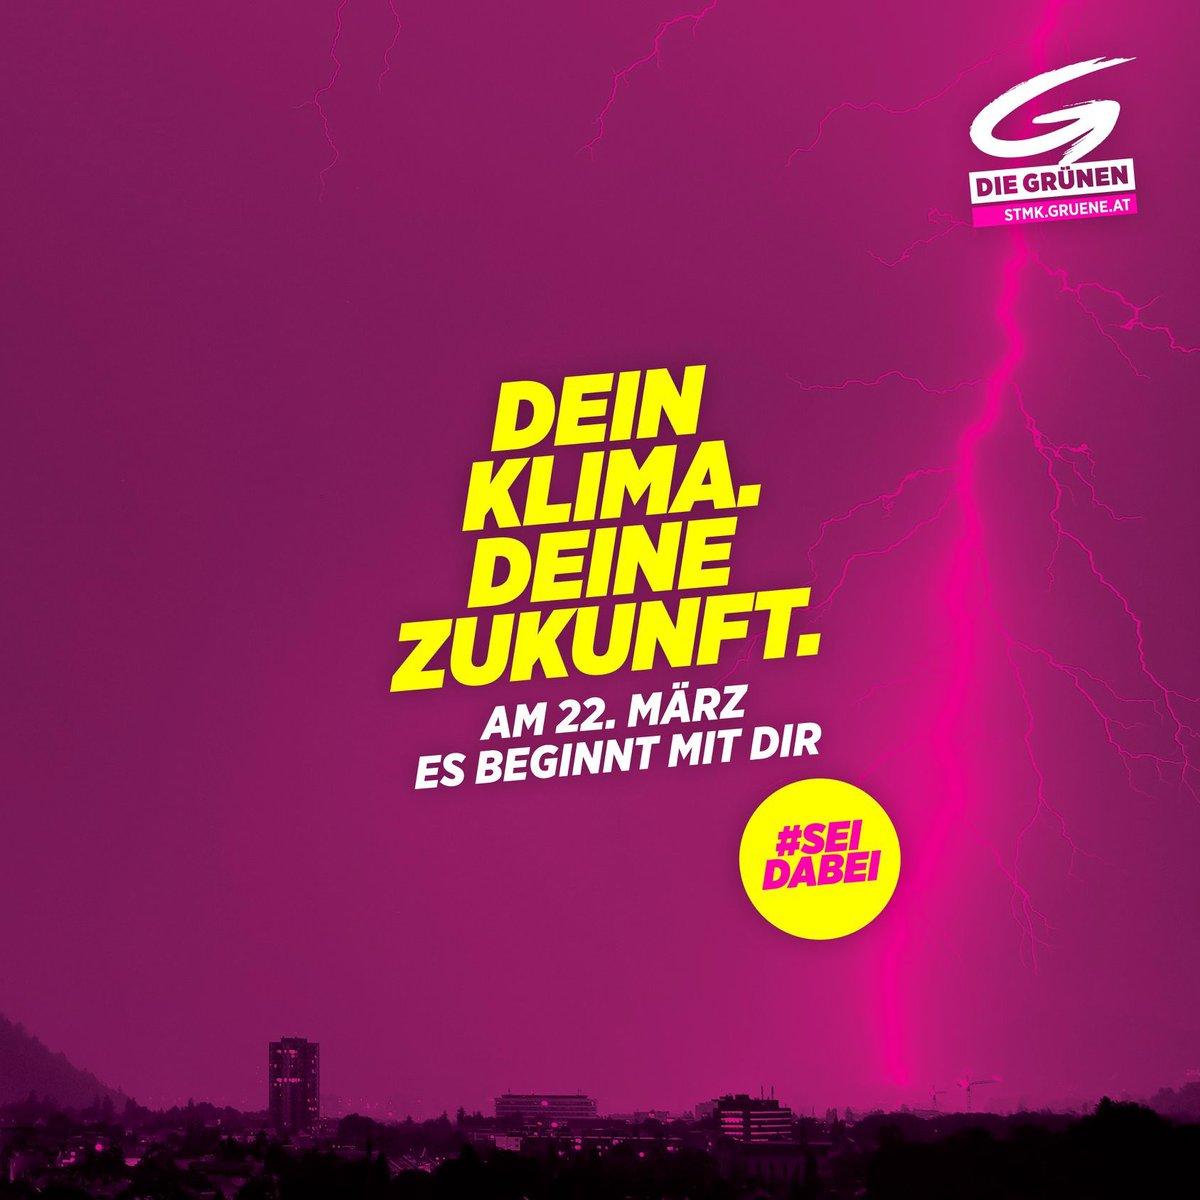 Am 22. März liegt es in deiner Hand : Machen wir gemeinsam Klima- und Umweltschutz in deiner Gemeinde stark.  Denn es ist deine Gemeinde, es ist deine Zukunft. #esbeginntmitdir #Steiermark #grw2020pic.twitter.com/cZdJOnKbPK